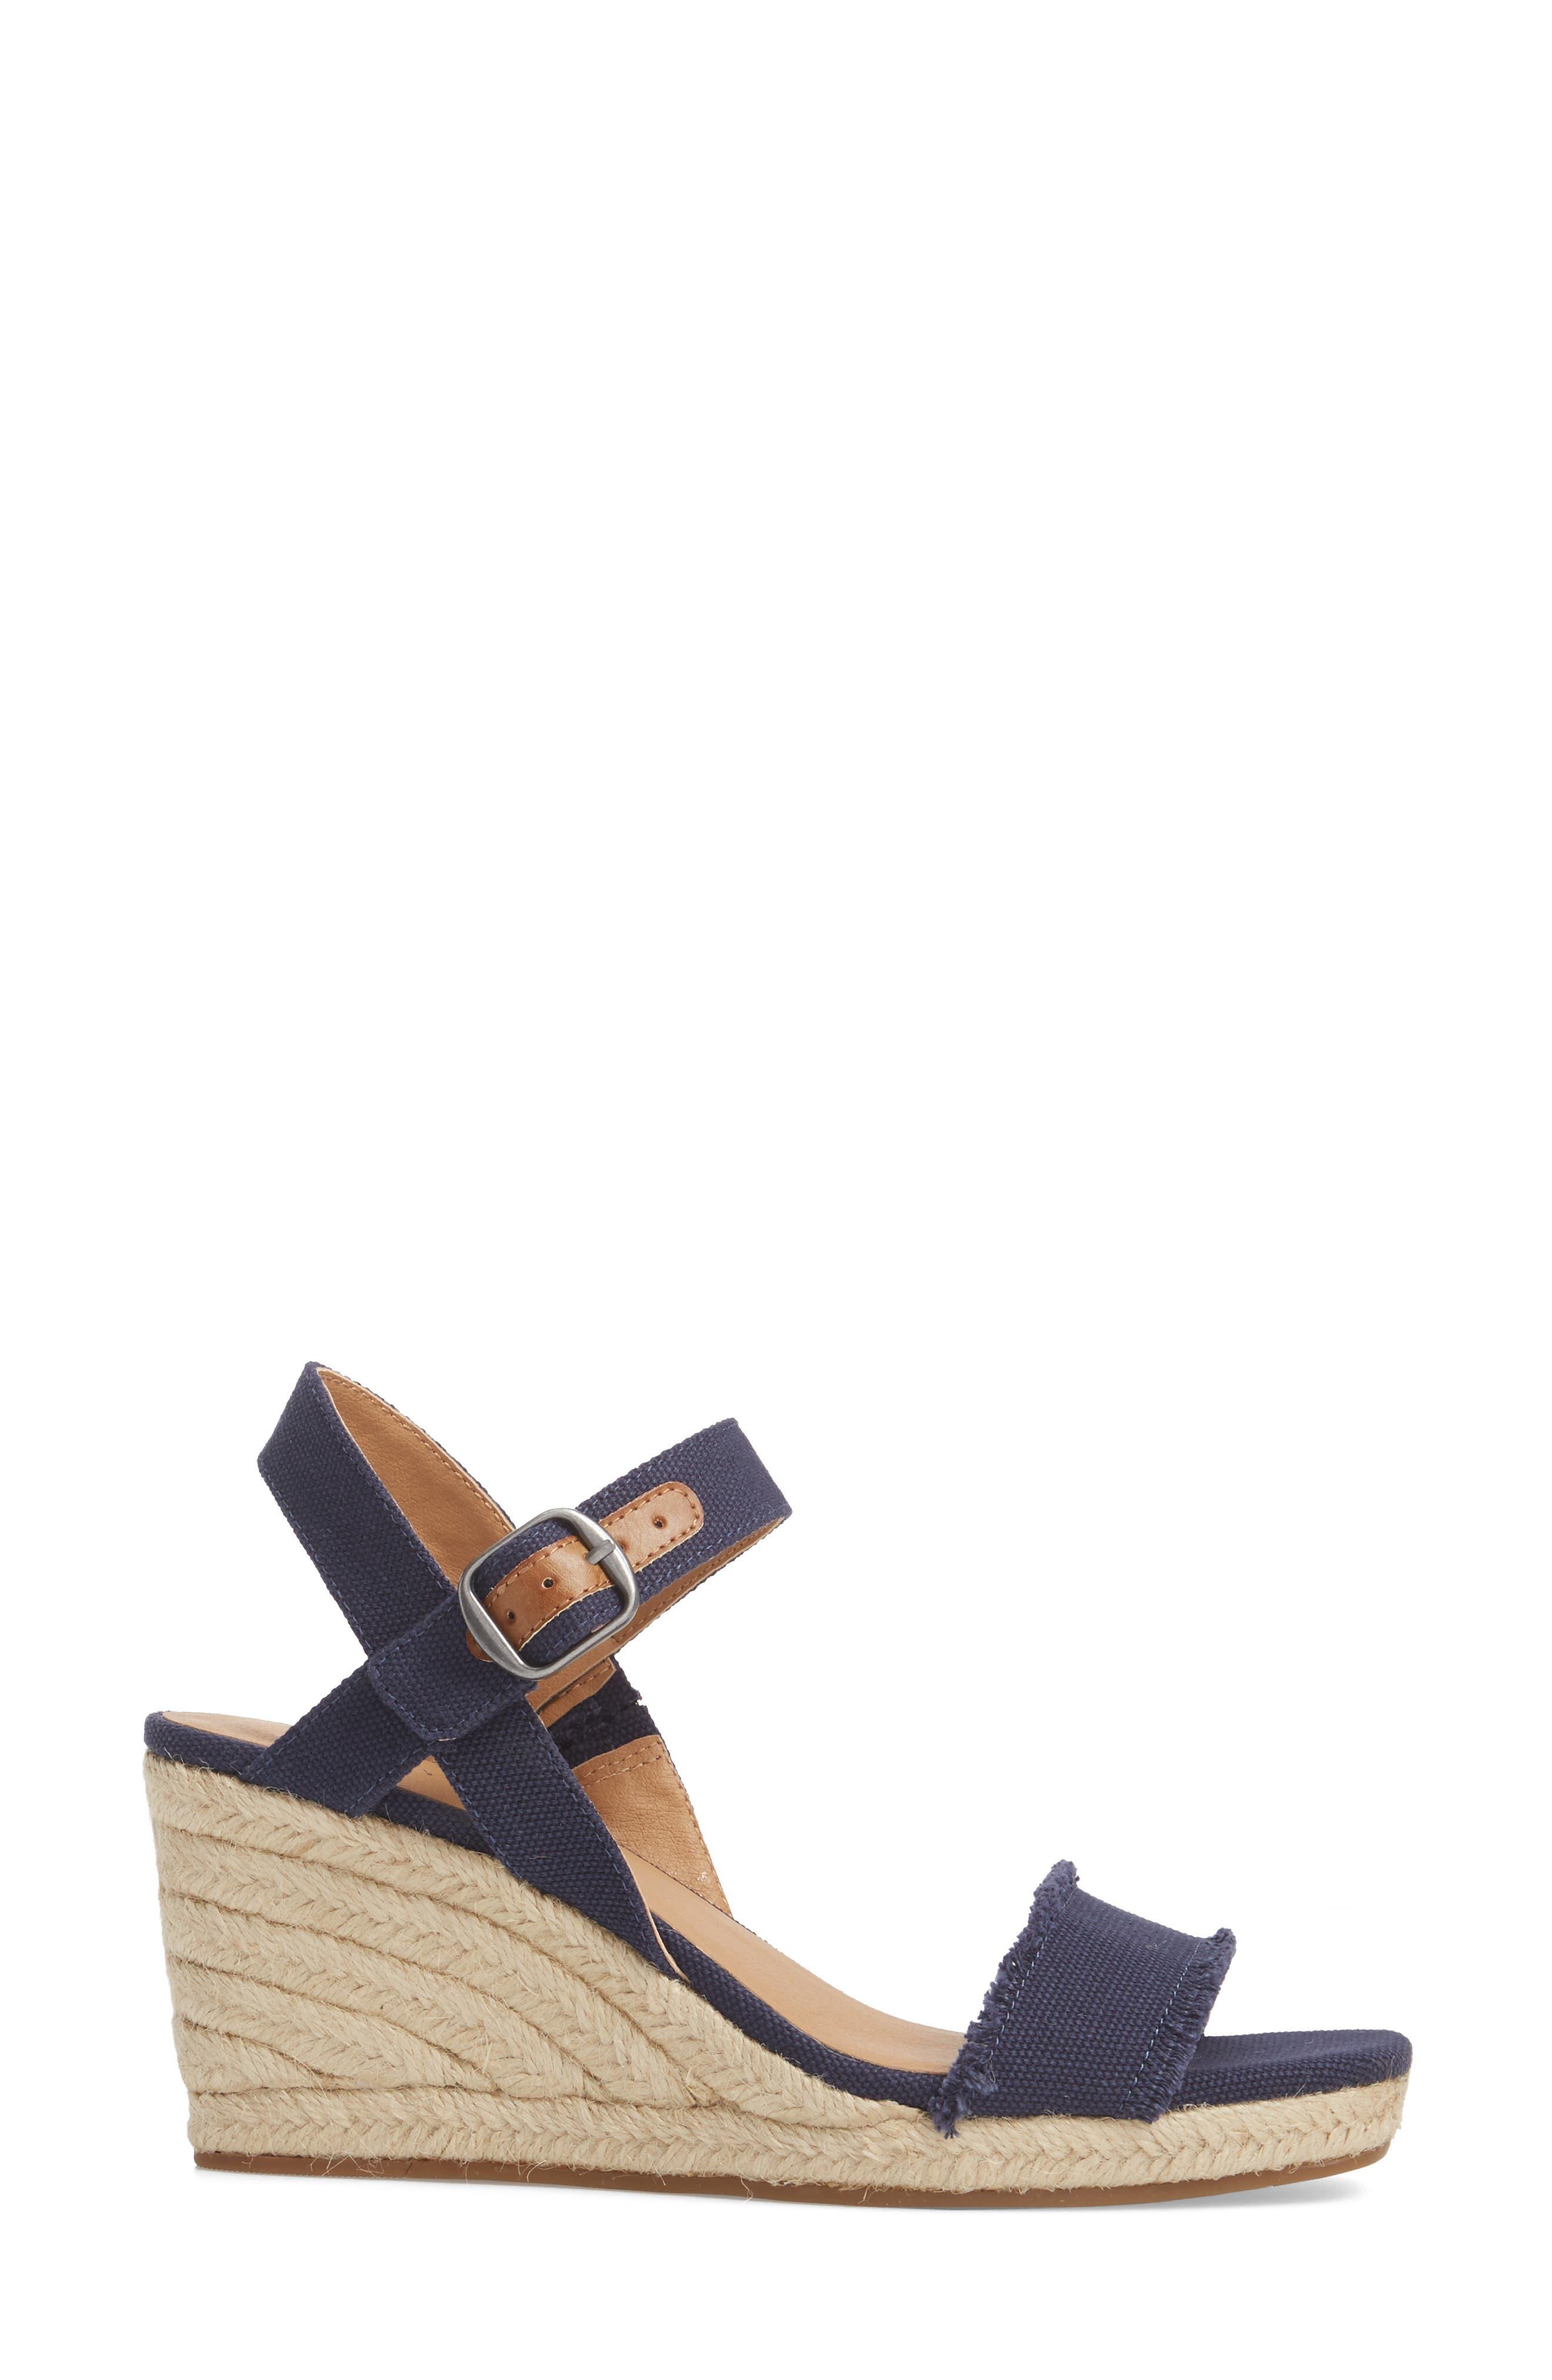 Marceline Squared Toe Wedge Sandal,                             Alternate thumbnail 18, color,